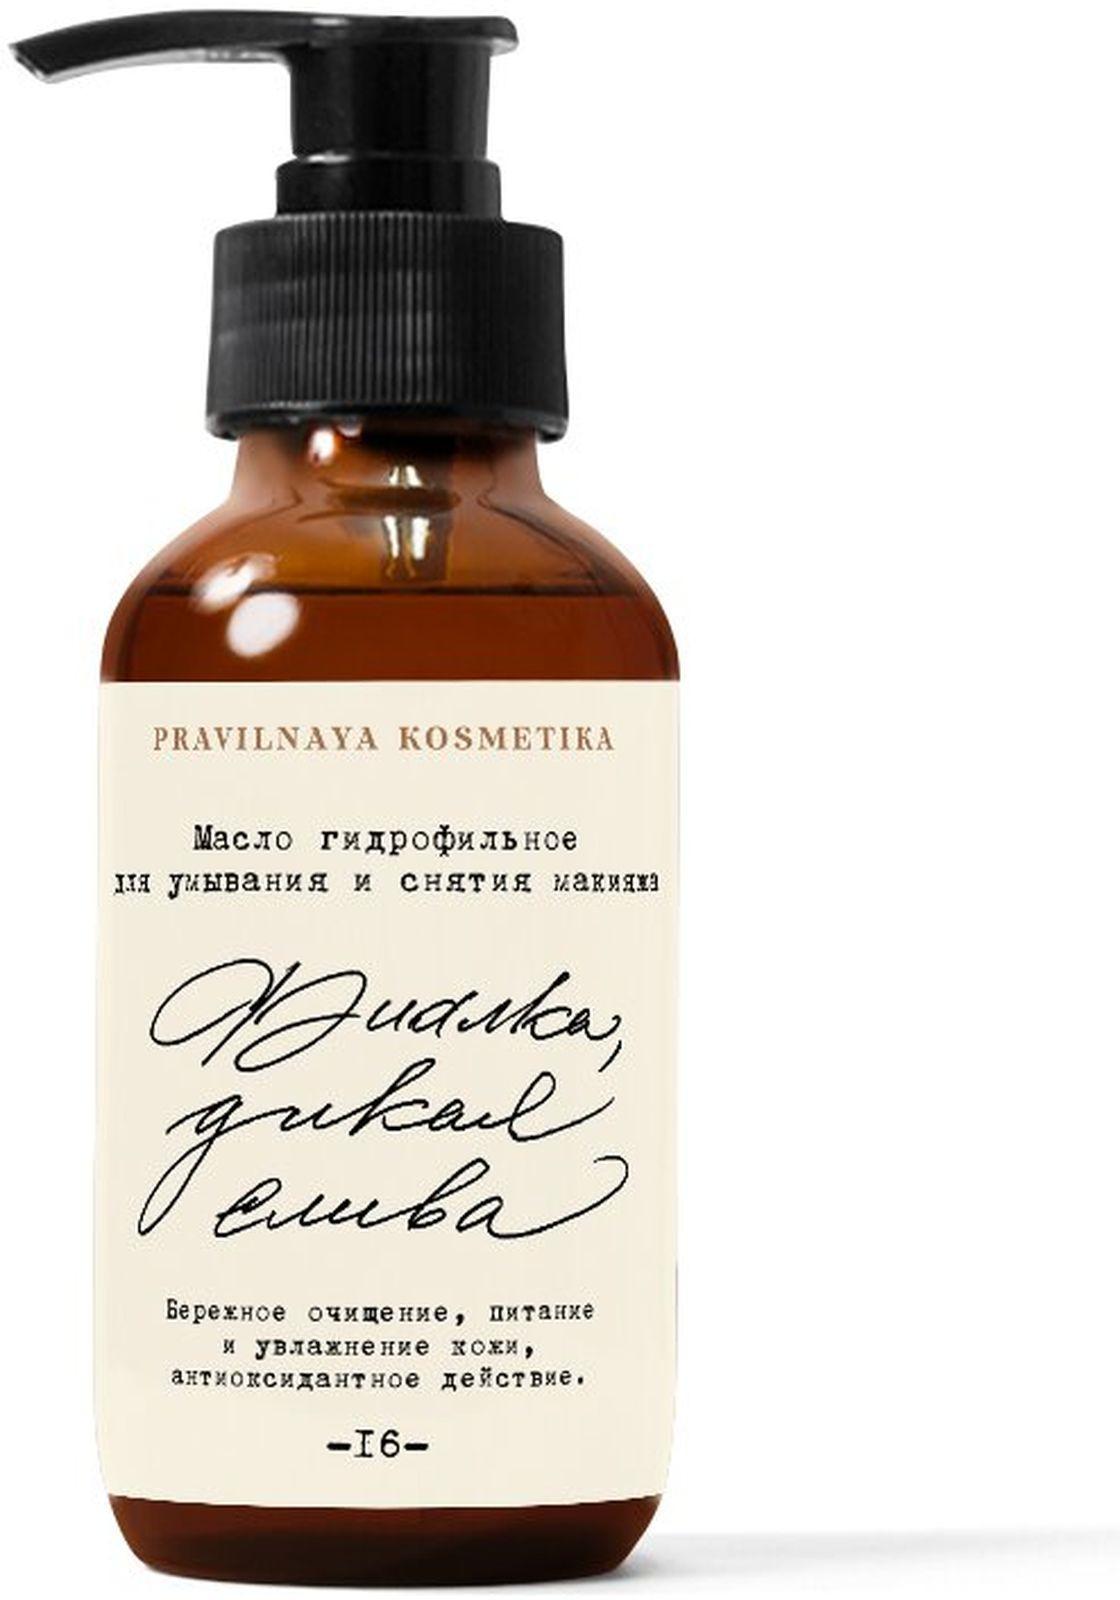 Масло гидрофильное Pravilnaya Kosmetika Фиалка&Дикая слива, для умывания и снятия макияжа, 100 мл PRAVILNAYA KOSMETIKA